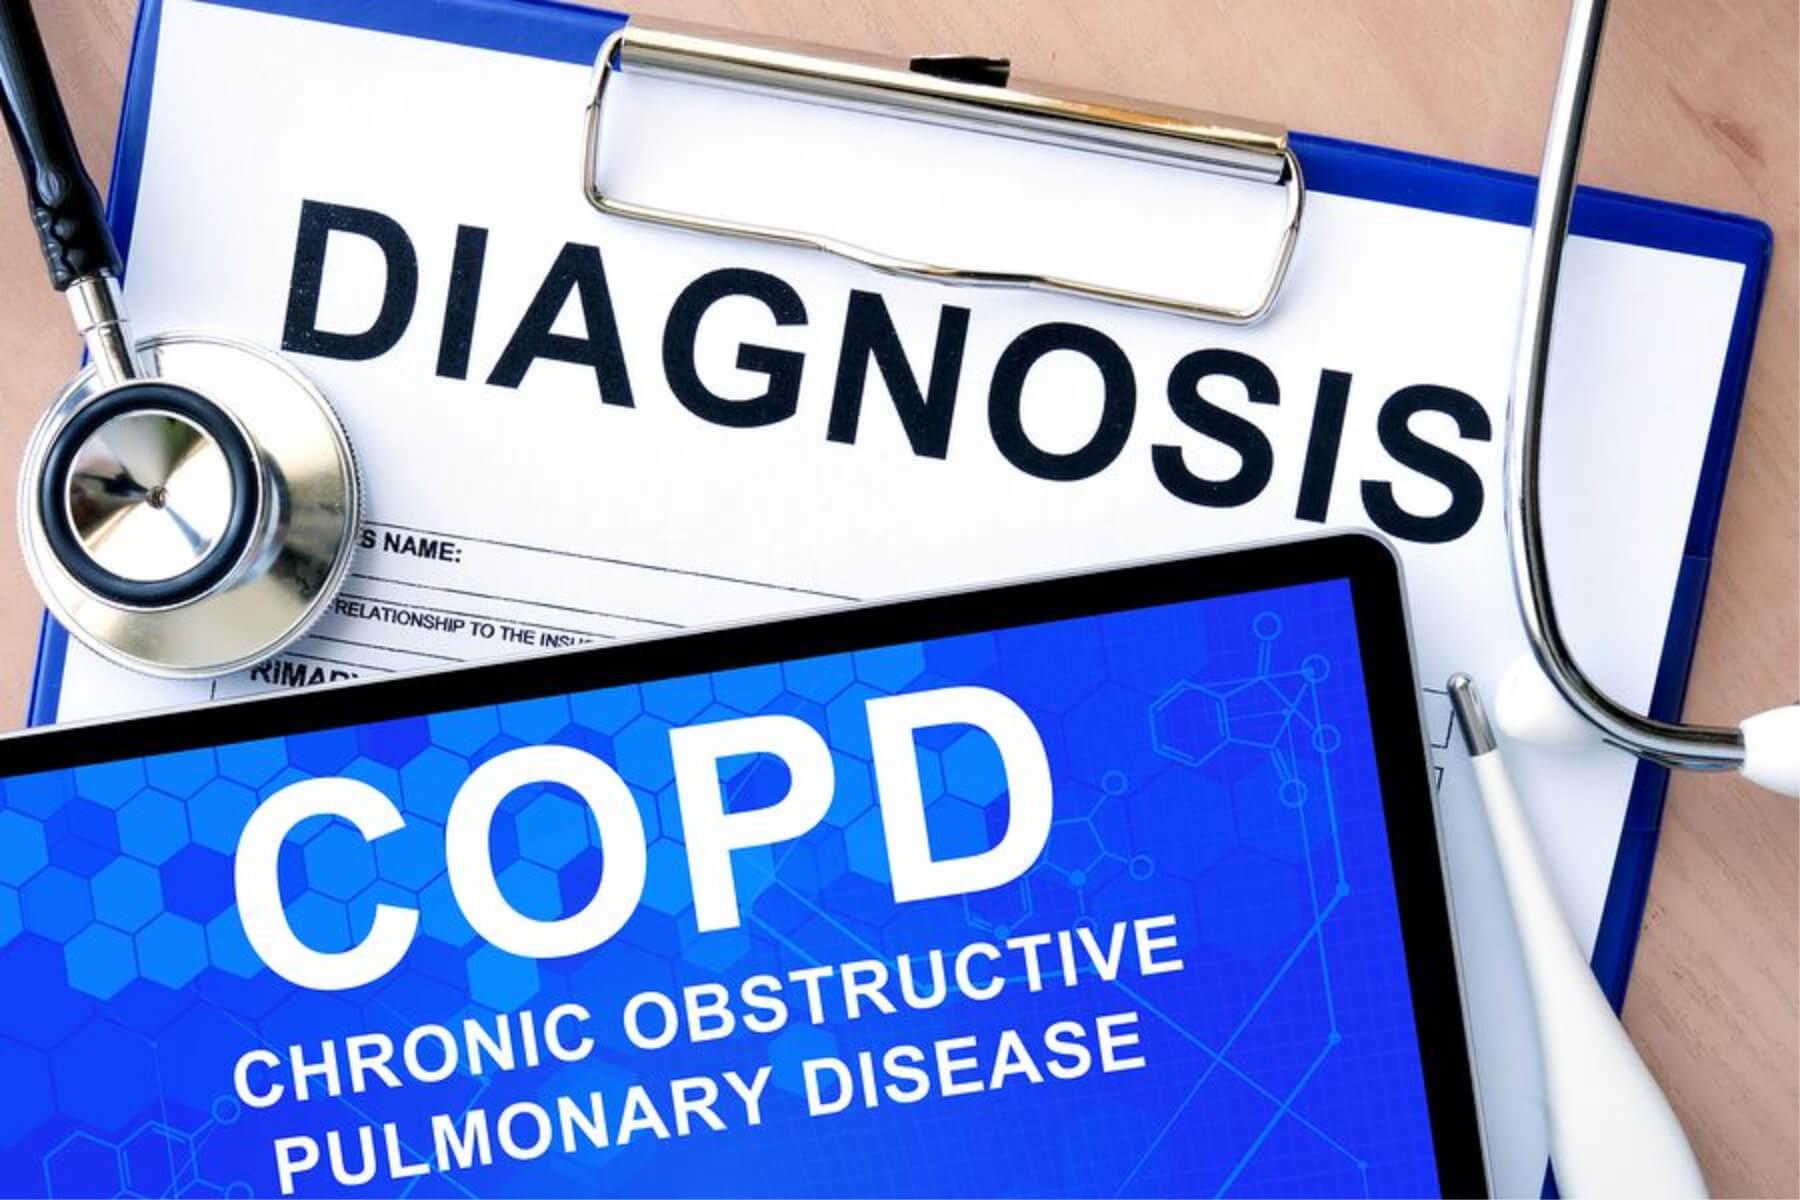 Home Health Care in Gulf Shores AL: COPD